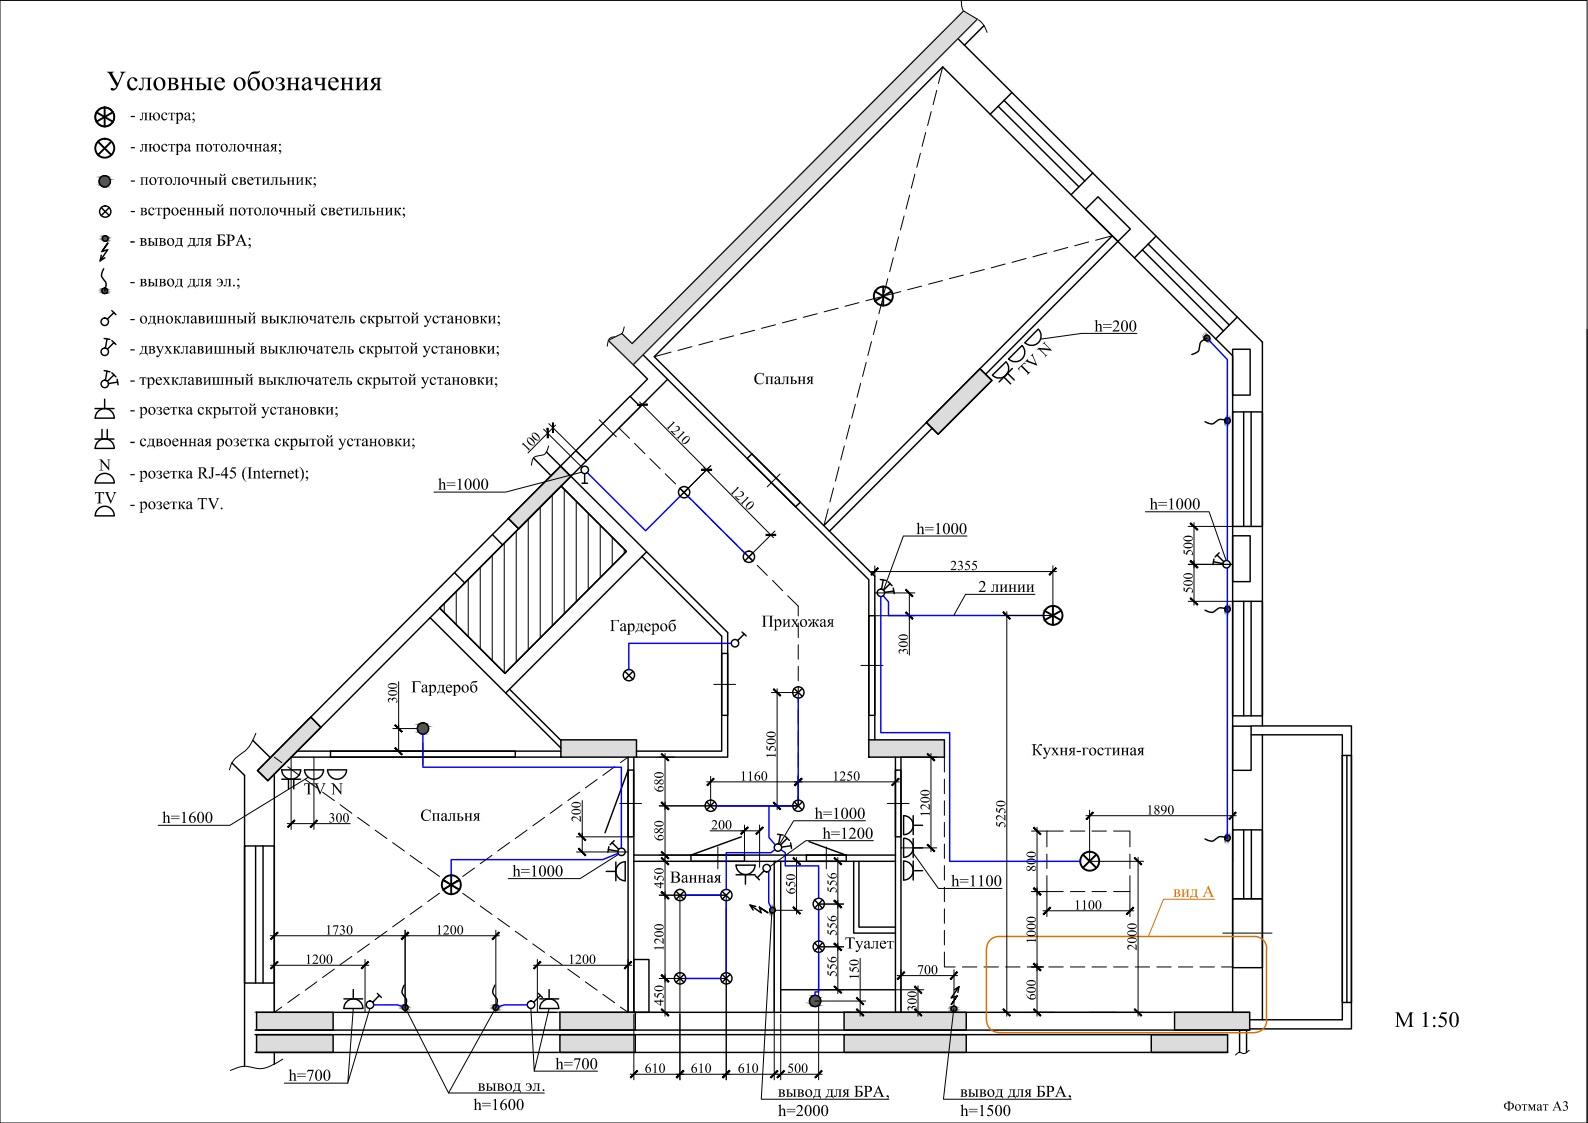 Отрисовка плана квартиры с освещением и розетками